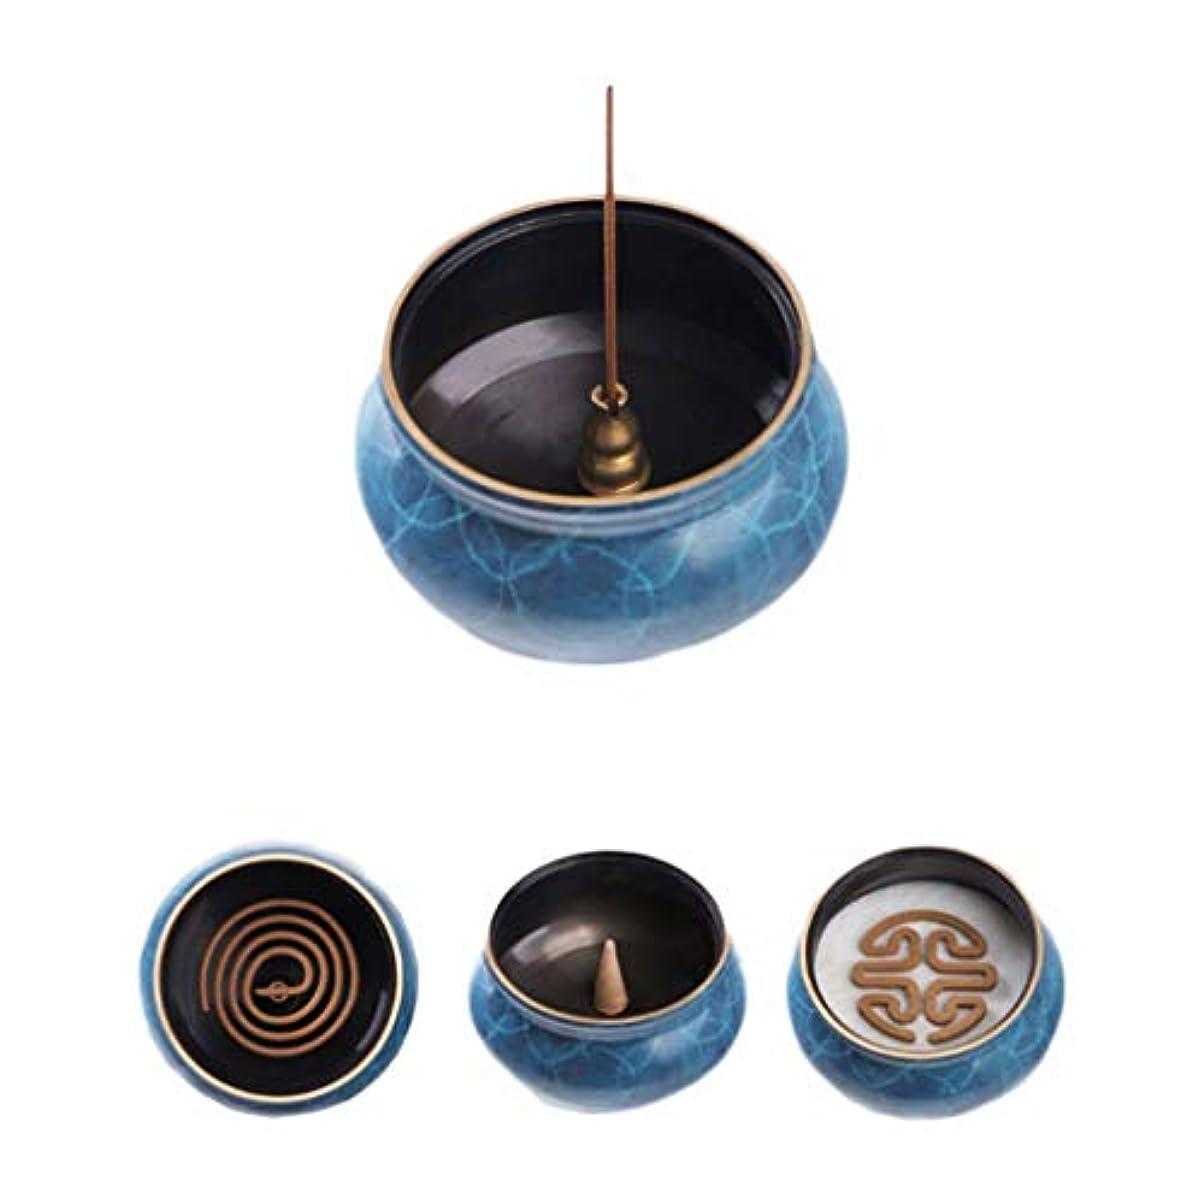 反対した遺伝的猟犬芳香器?アロマバーナー 純粋な銅香炉ホームアンティーク白檀用仏寒天香炉香り装飾アロマセラピー炉 芳香器?アロマバーナー (Color : Blue copper)